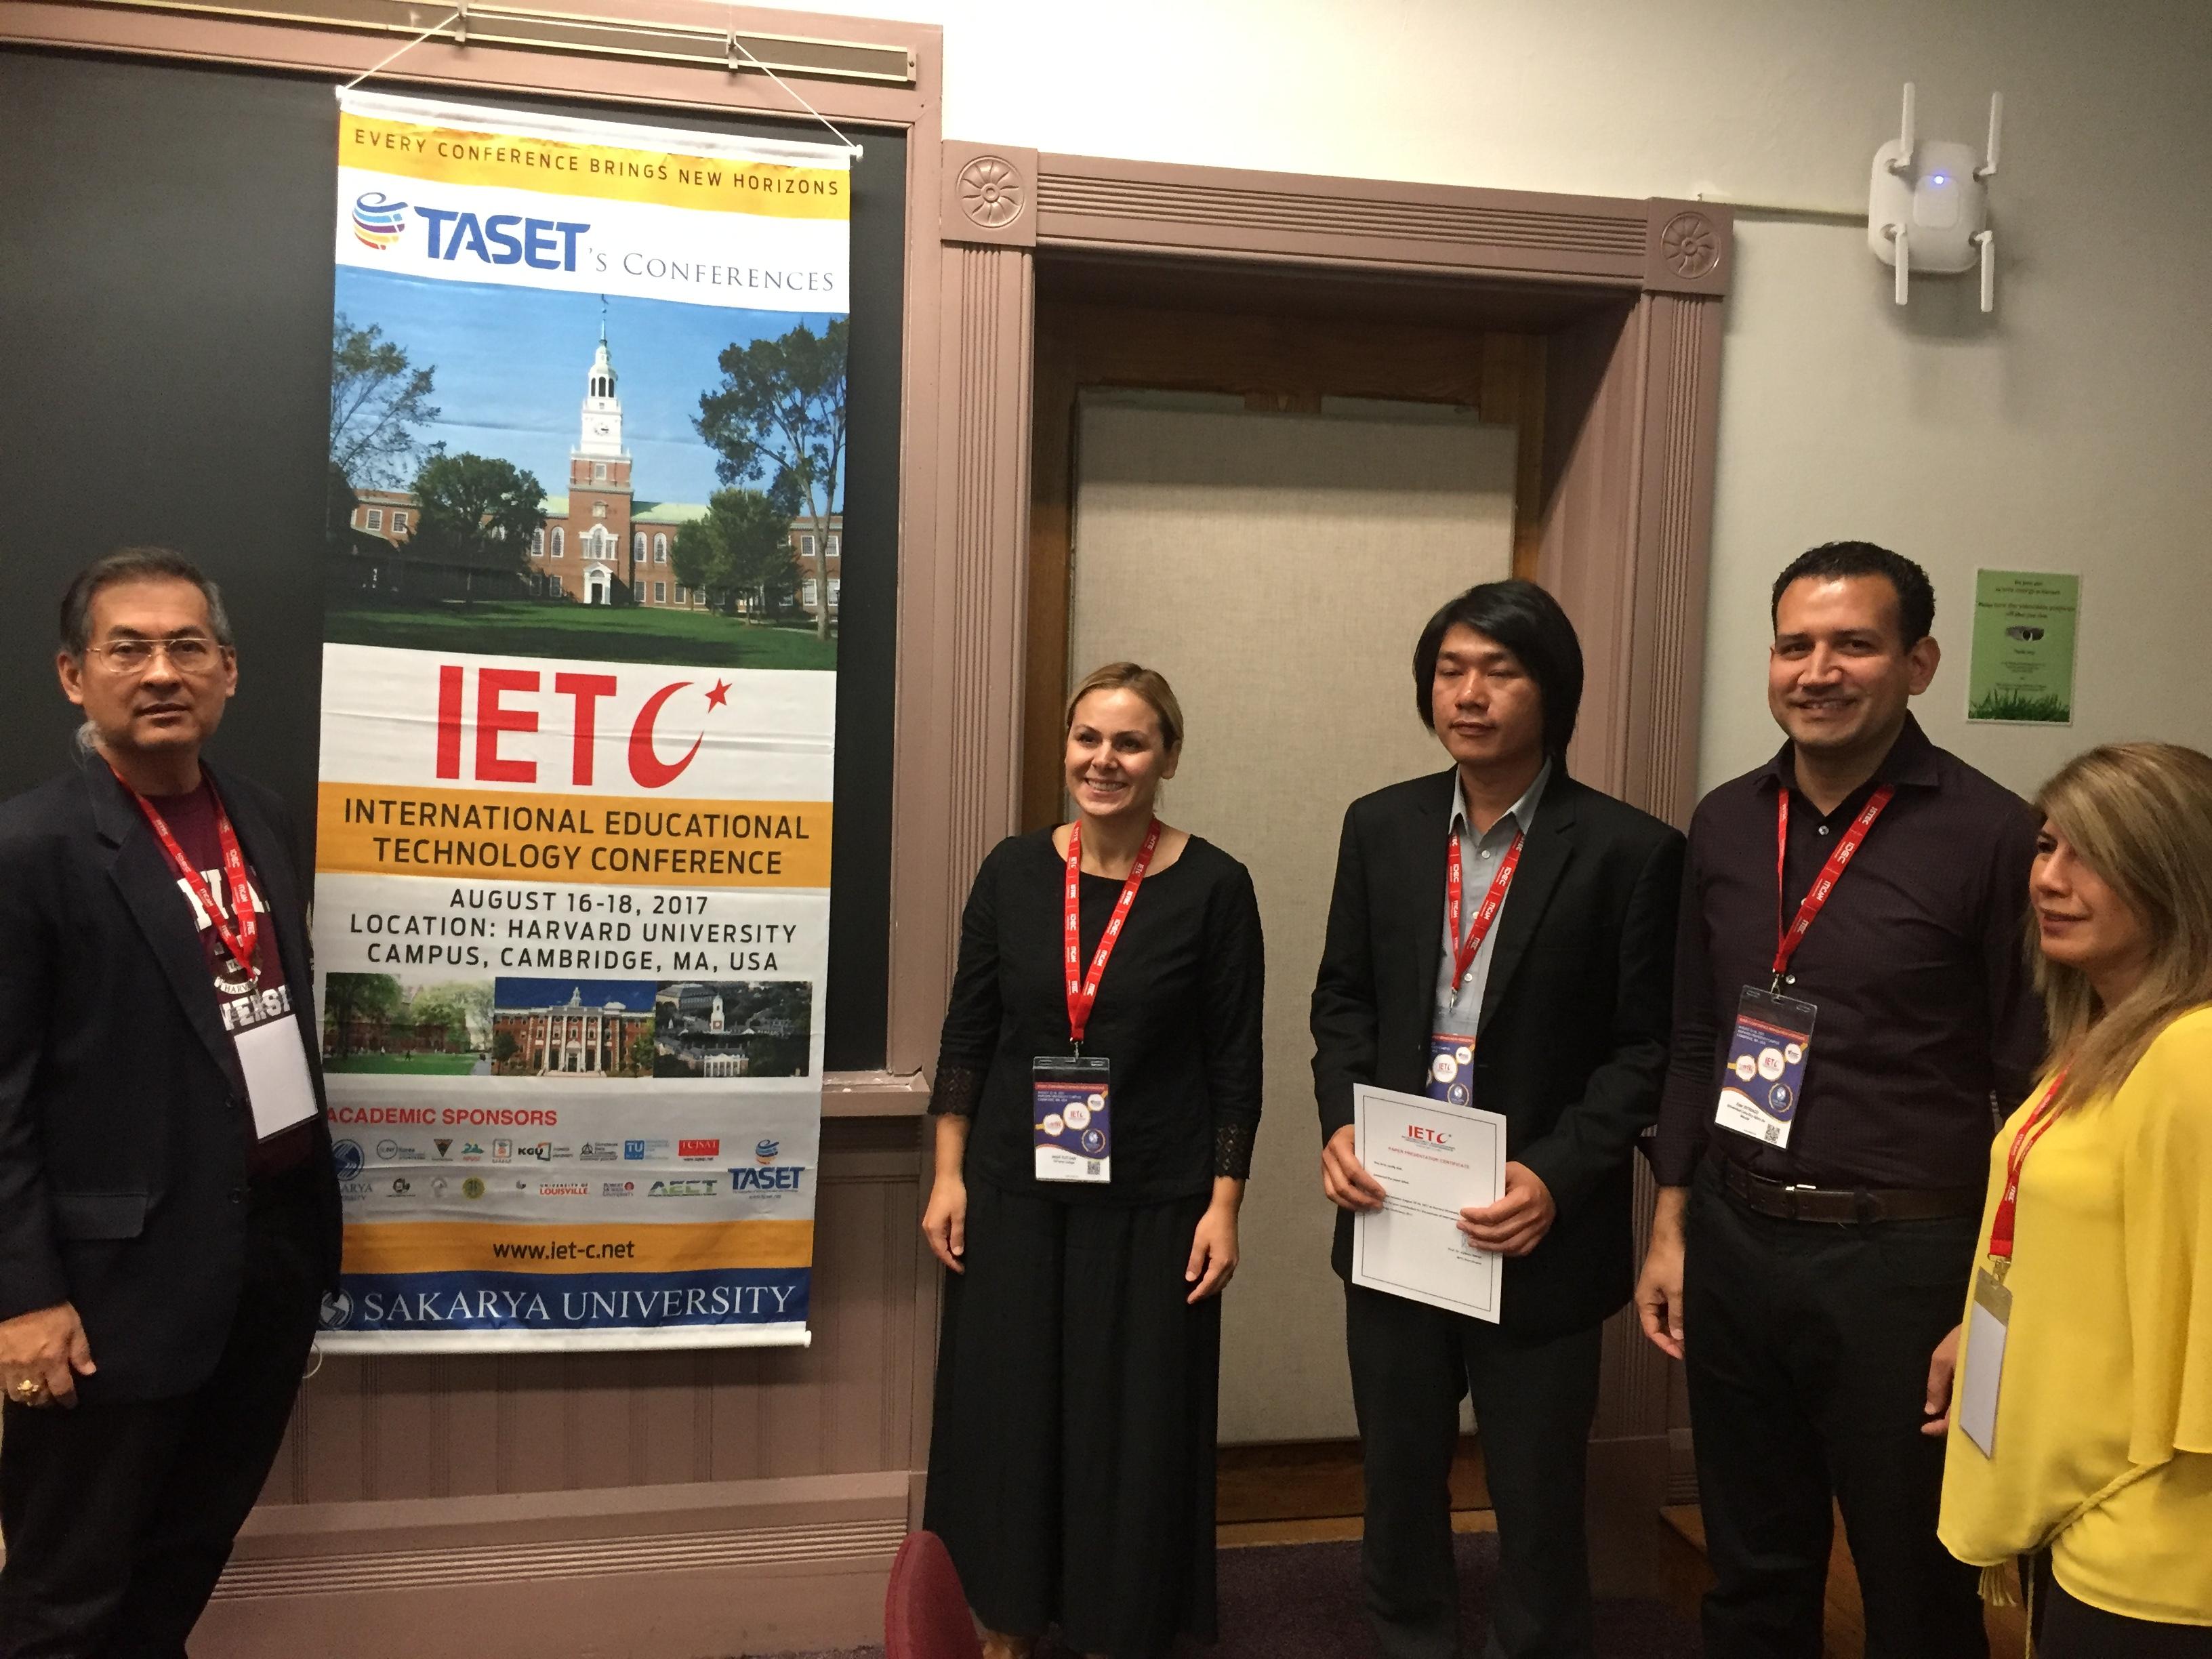 TED, Harvard'da  ICT ile eğitim ilişkisini anlattı